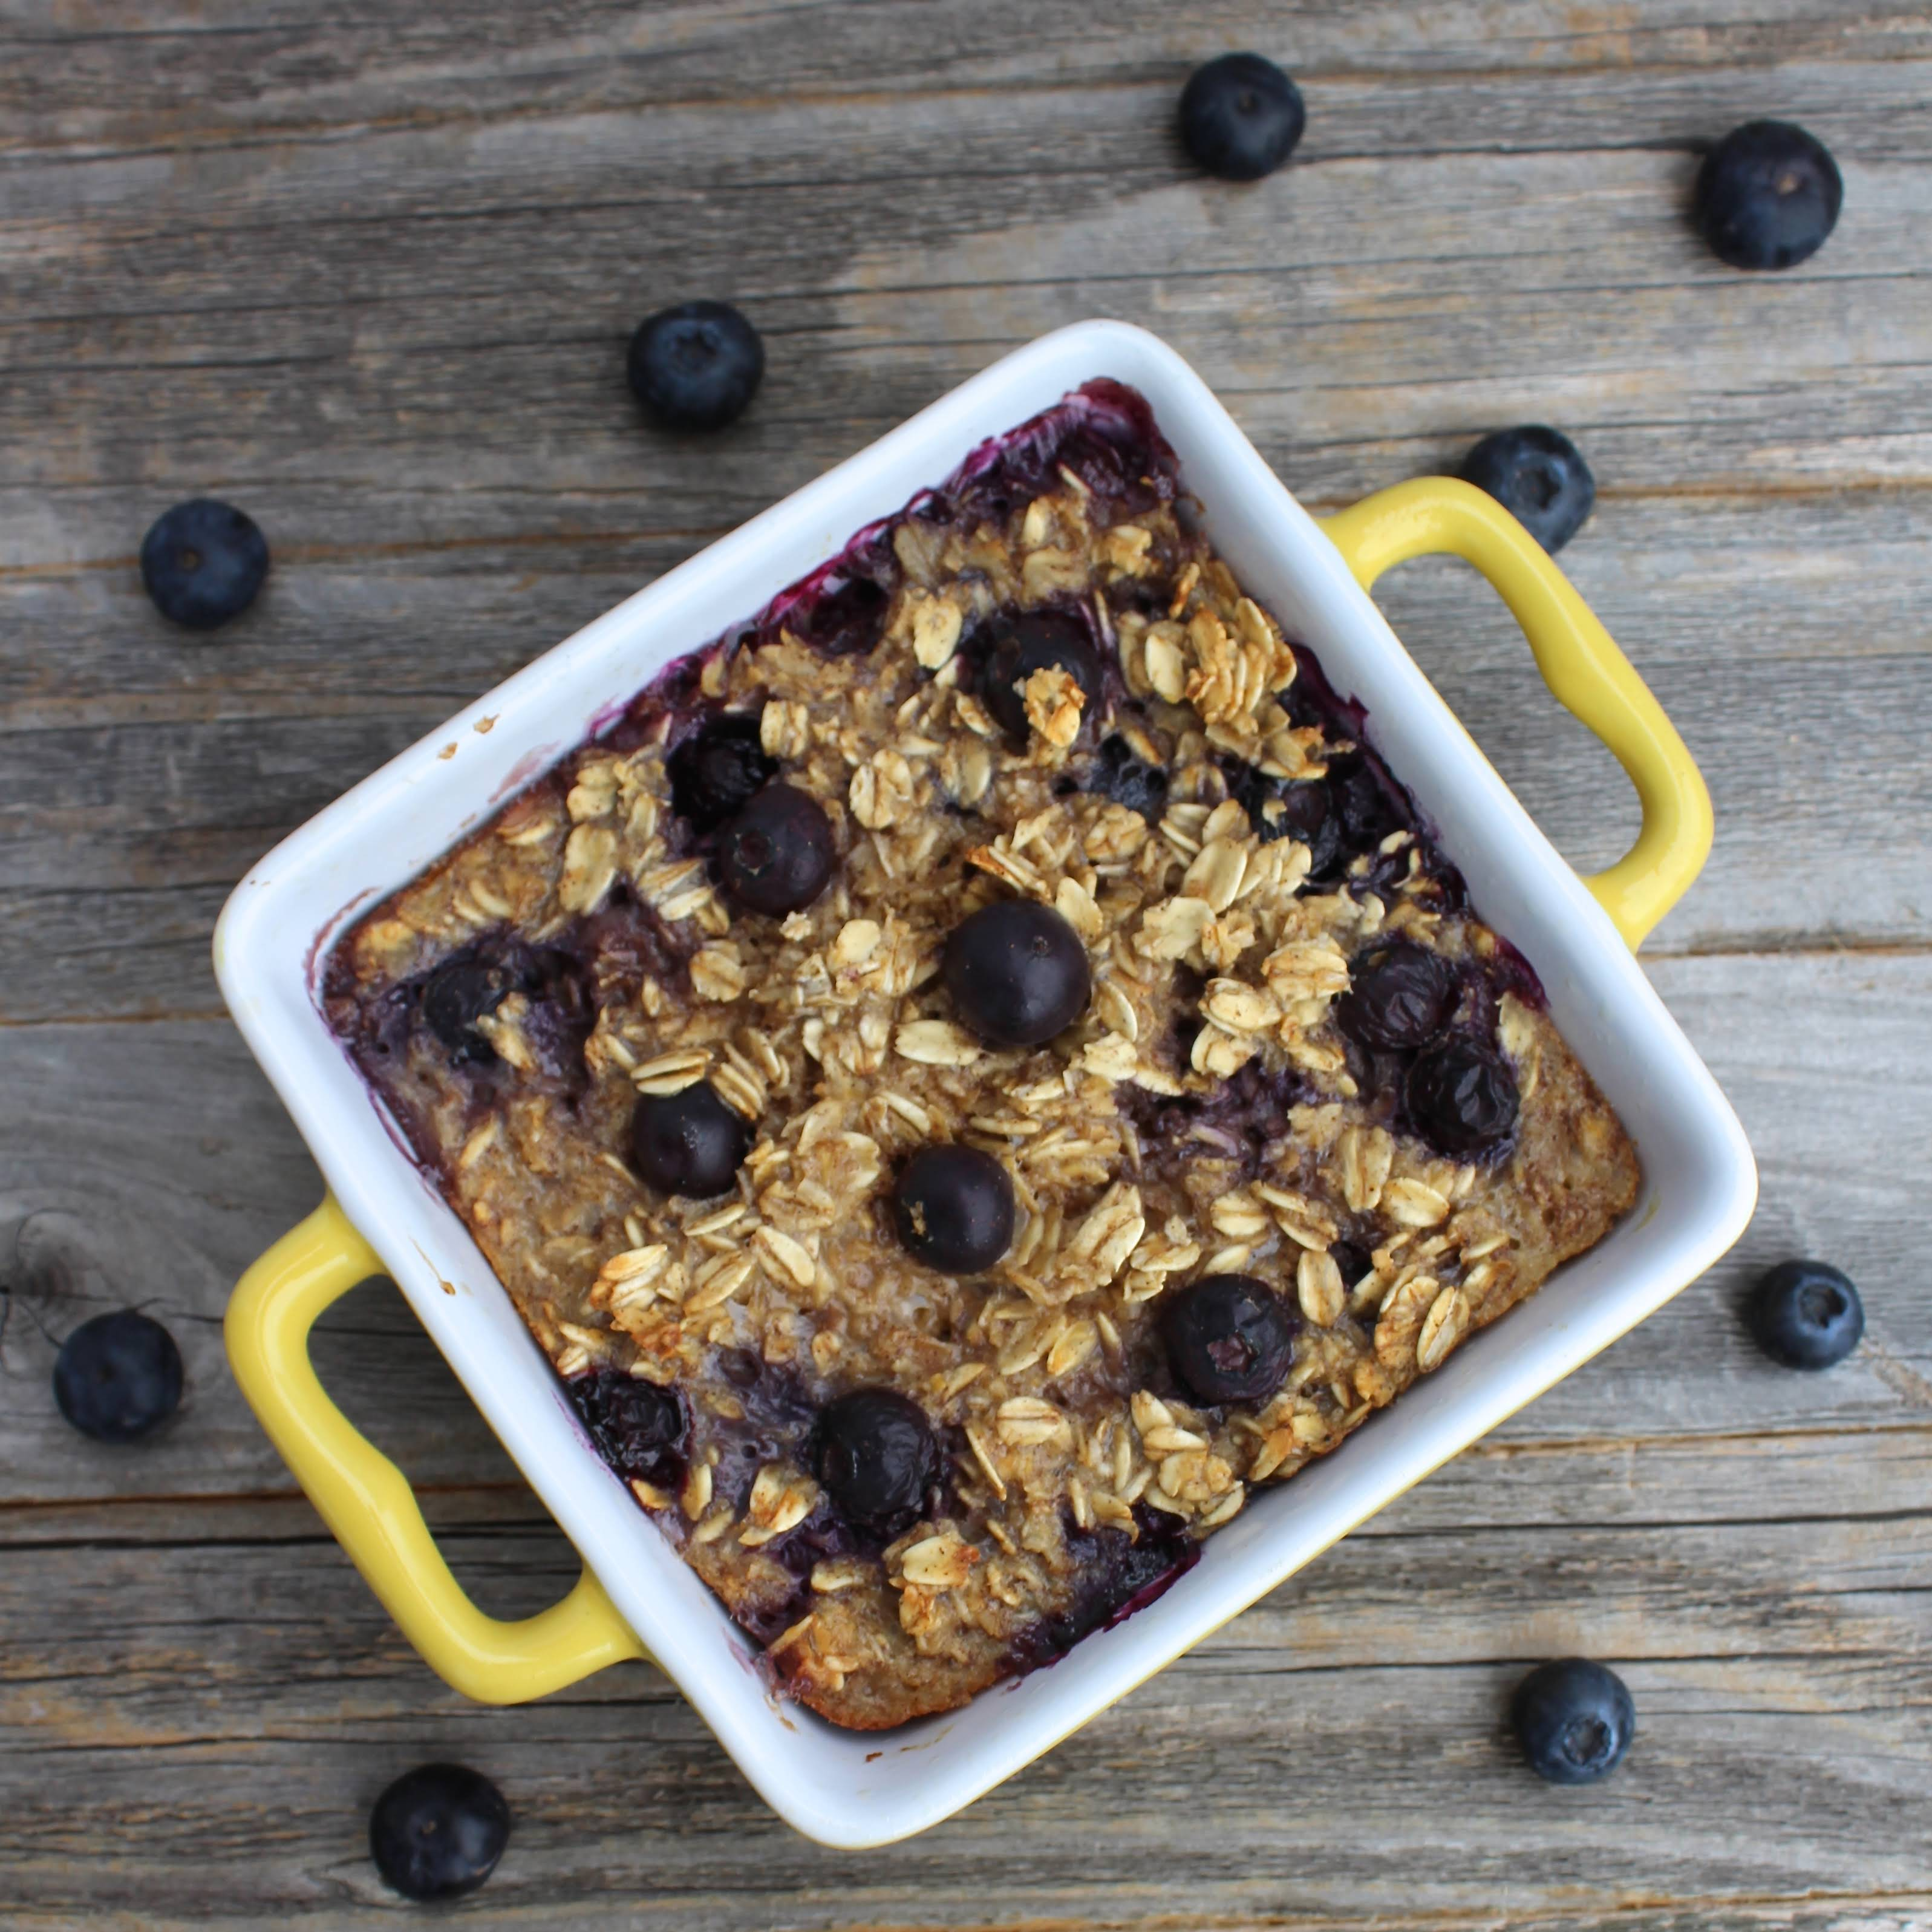 Blueberry Oatmeal Breakfast Bake